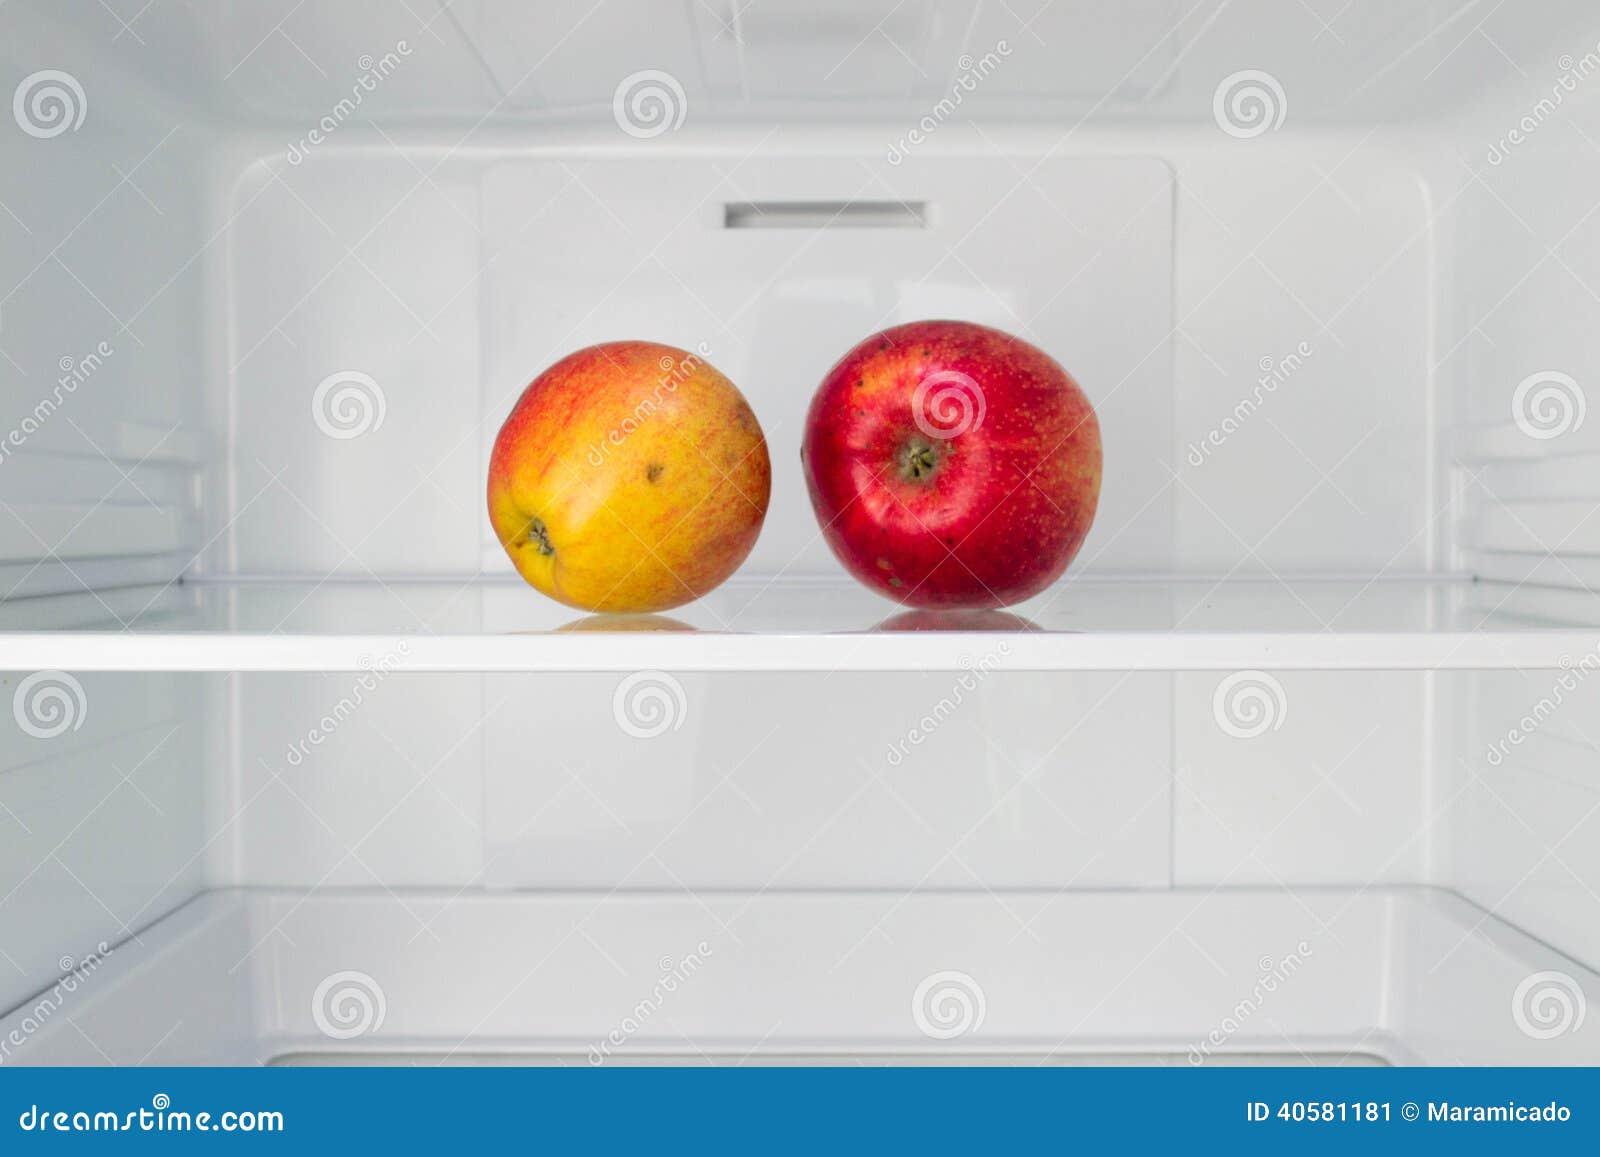 Kühlschrank Regal : Äpfel in offenem leerem kühlschrank gewichtsverlust nähren konzept